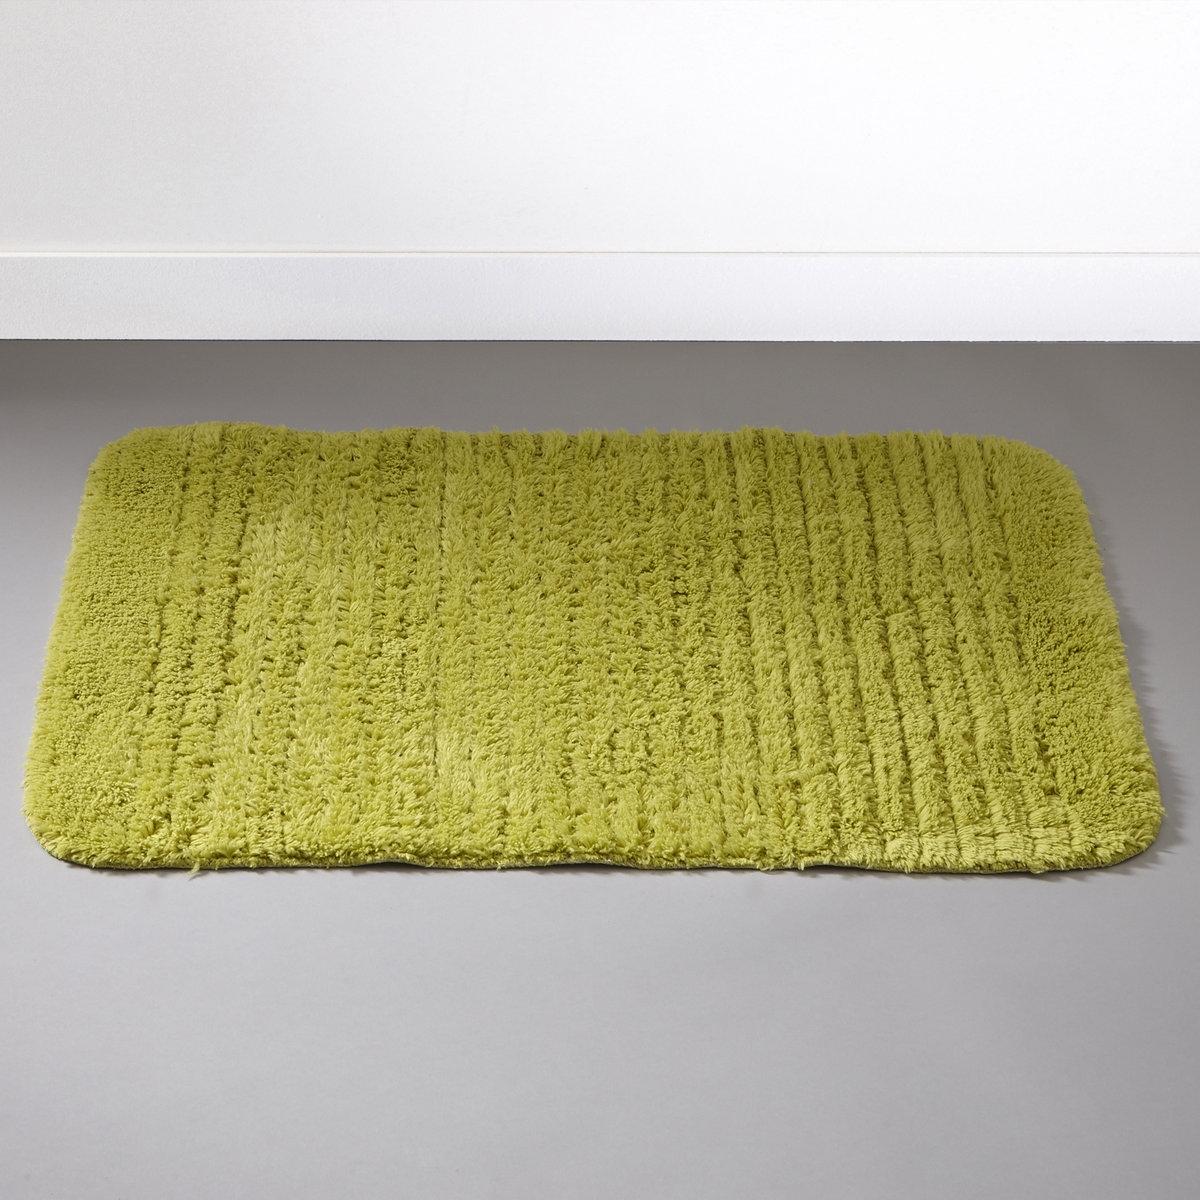 Коврик для ванной, 1100 г/м?Пушистый коврик для ванной комнаты. 100% хлопка, 1100 г/м?, ультрамягкий и невероятно впитывающий. Стирка при 60°. Рельефные полоски. Обратная сторона с покрытием против скольжения.<br><br>Цвет: зеленый анис